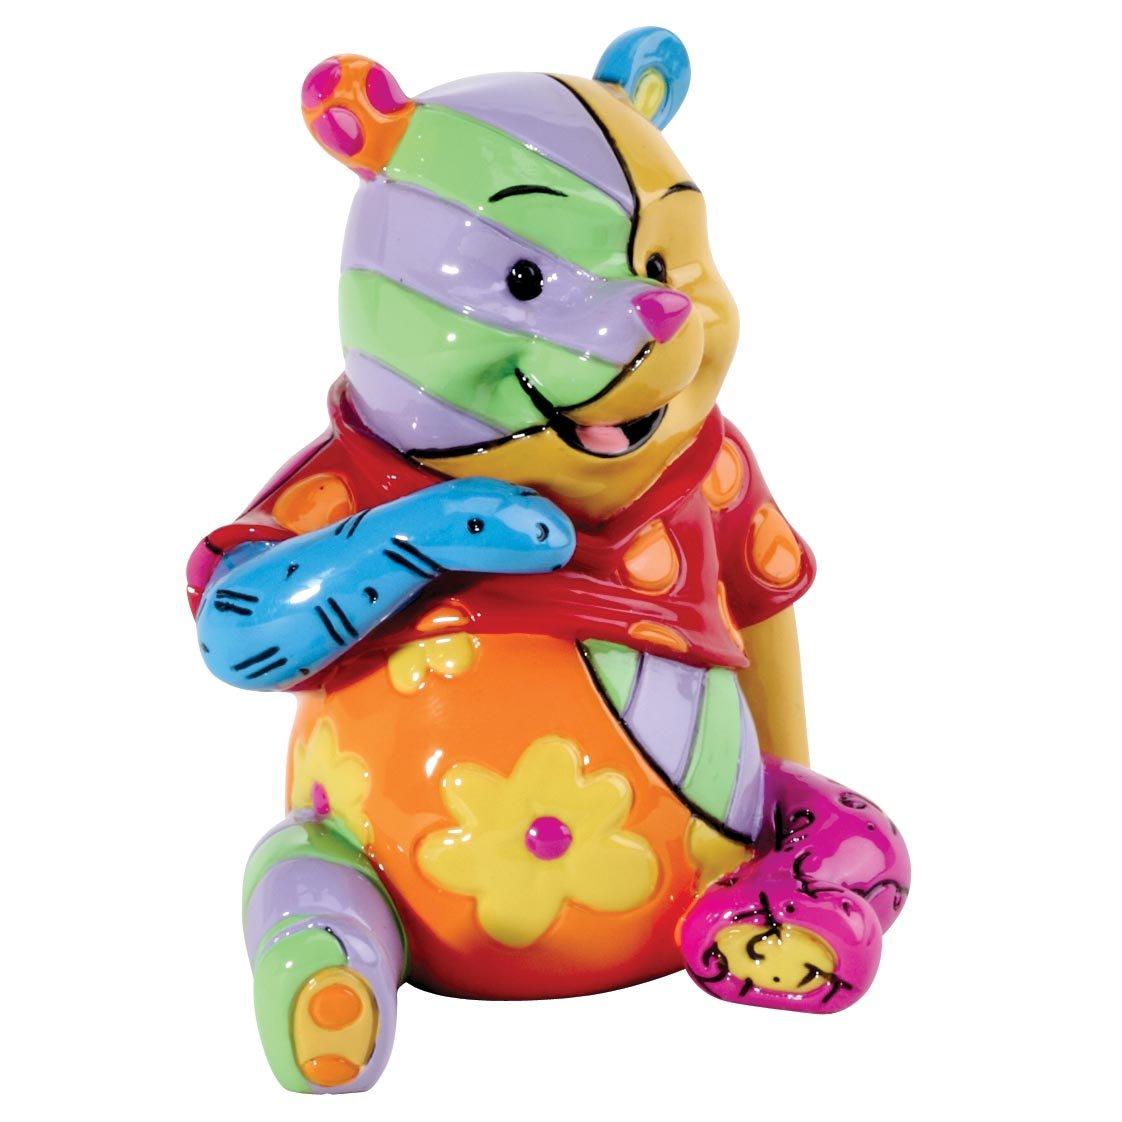 Disney Britto Winnie The Pooh Mini Figurine Enesco 4026296